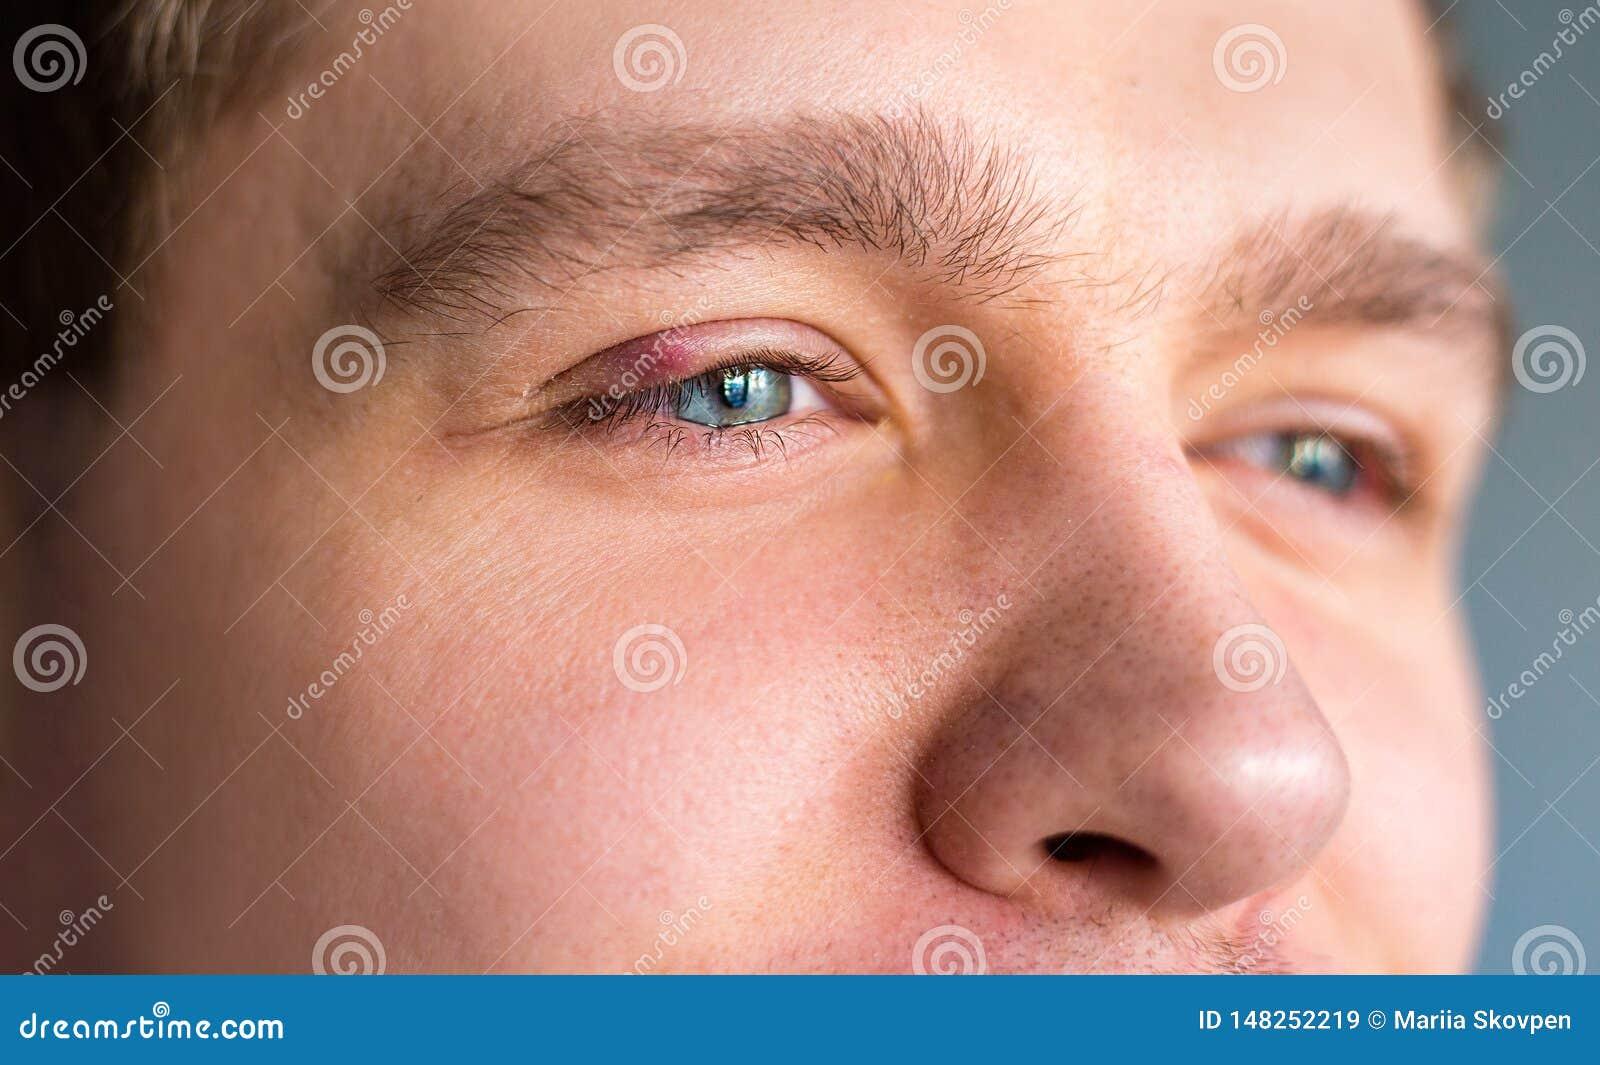 在圆鼓和痛苦的红色上部眼睛盒盖的选择聚焦有猪圈传染起始的由于阻塞的油腺和